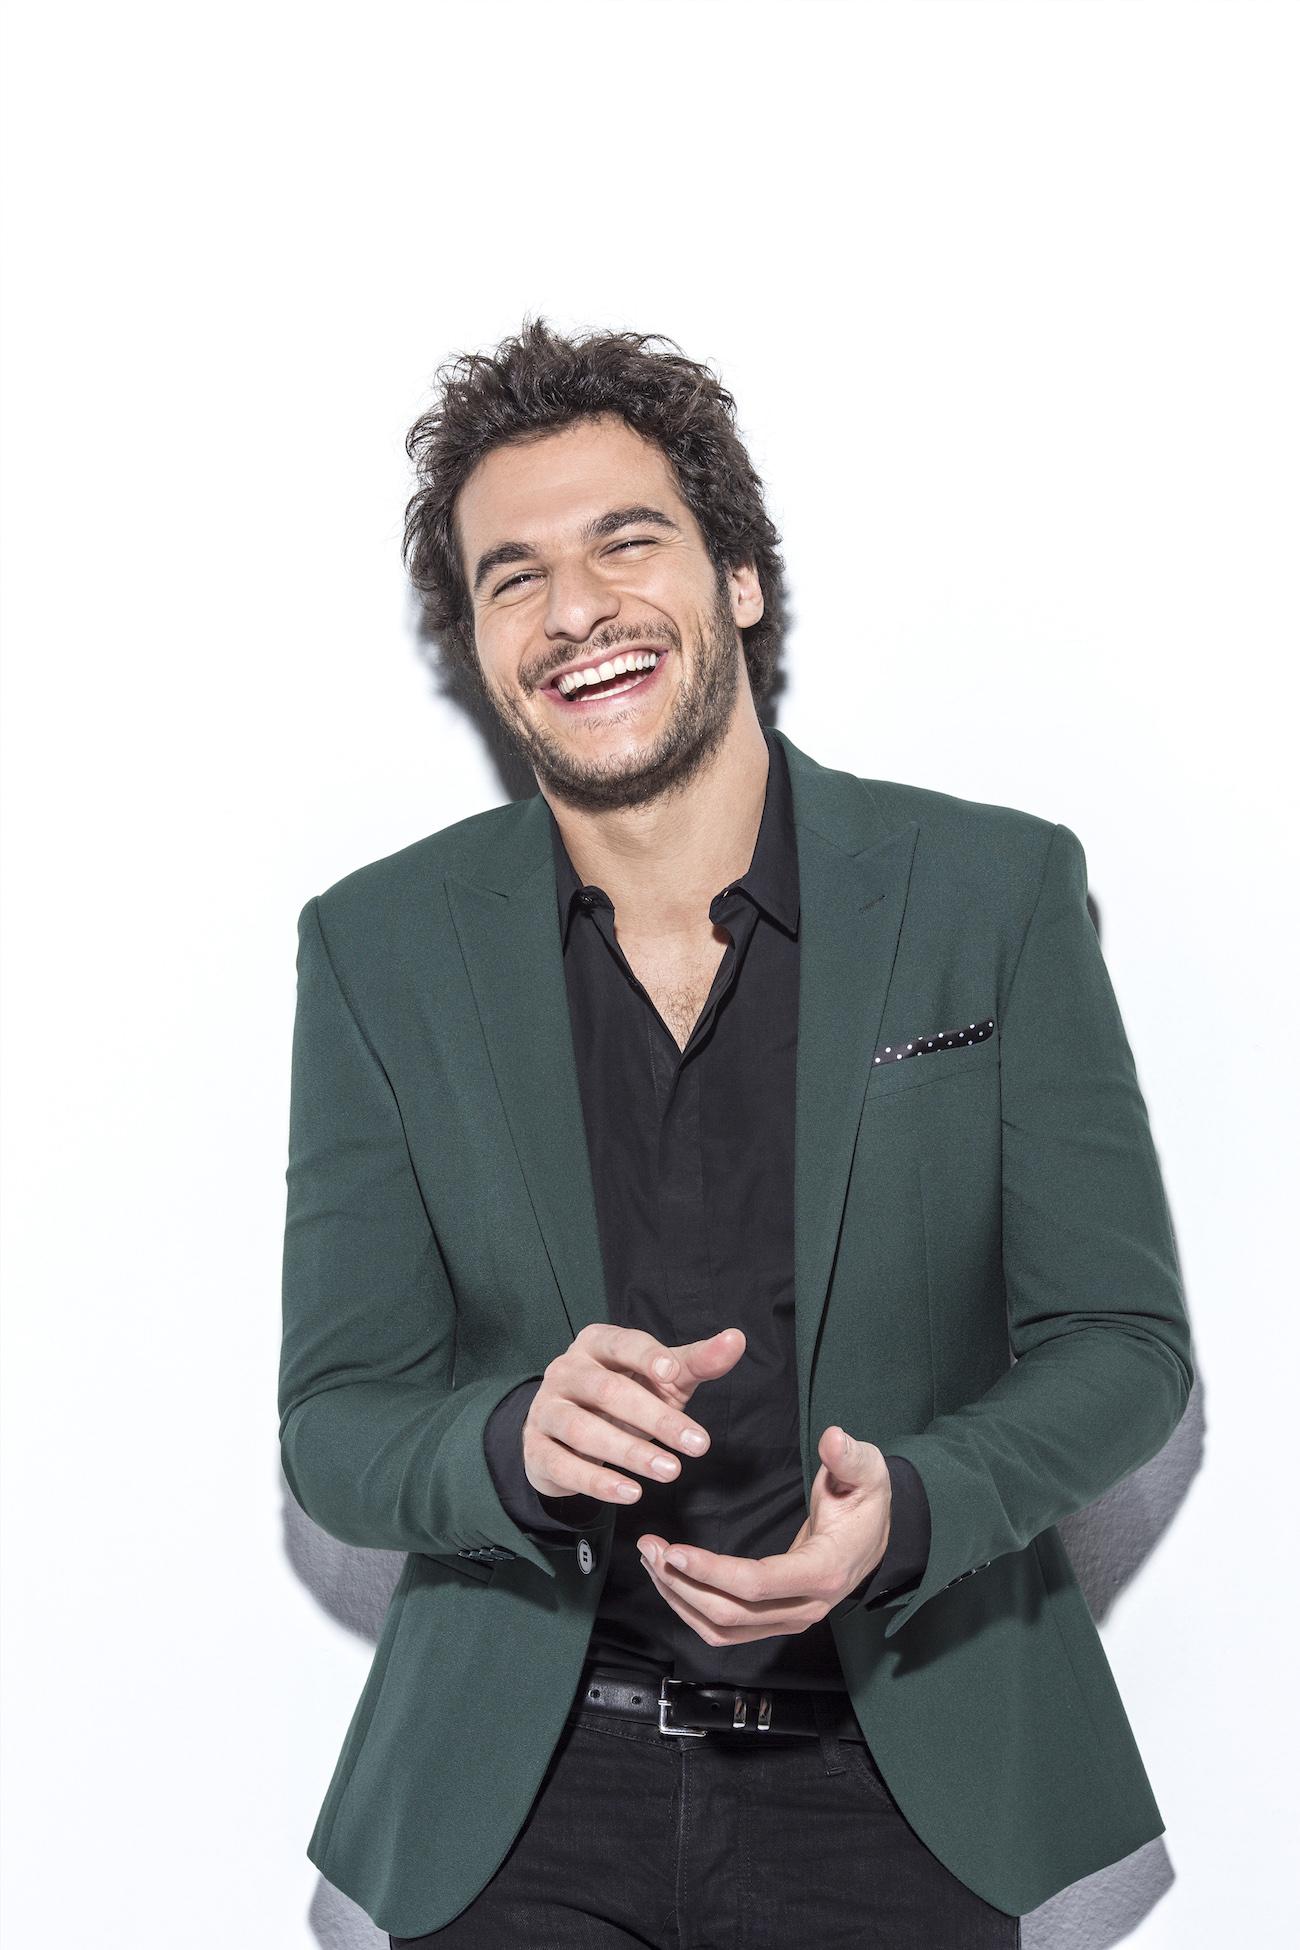 Amir France Eurovision, Amir Eurovision 2016, Amir j'ai cherche France, Amir Renaud Corlouër, Eurovision 2016, Eurovision 16, Eurovision Song Contest